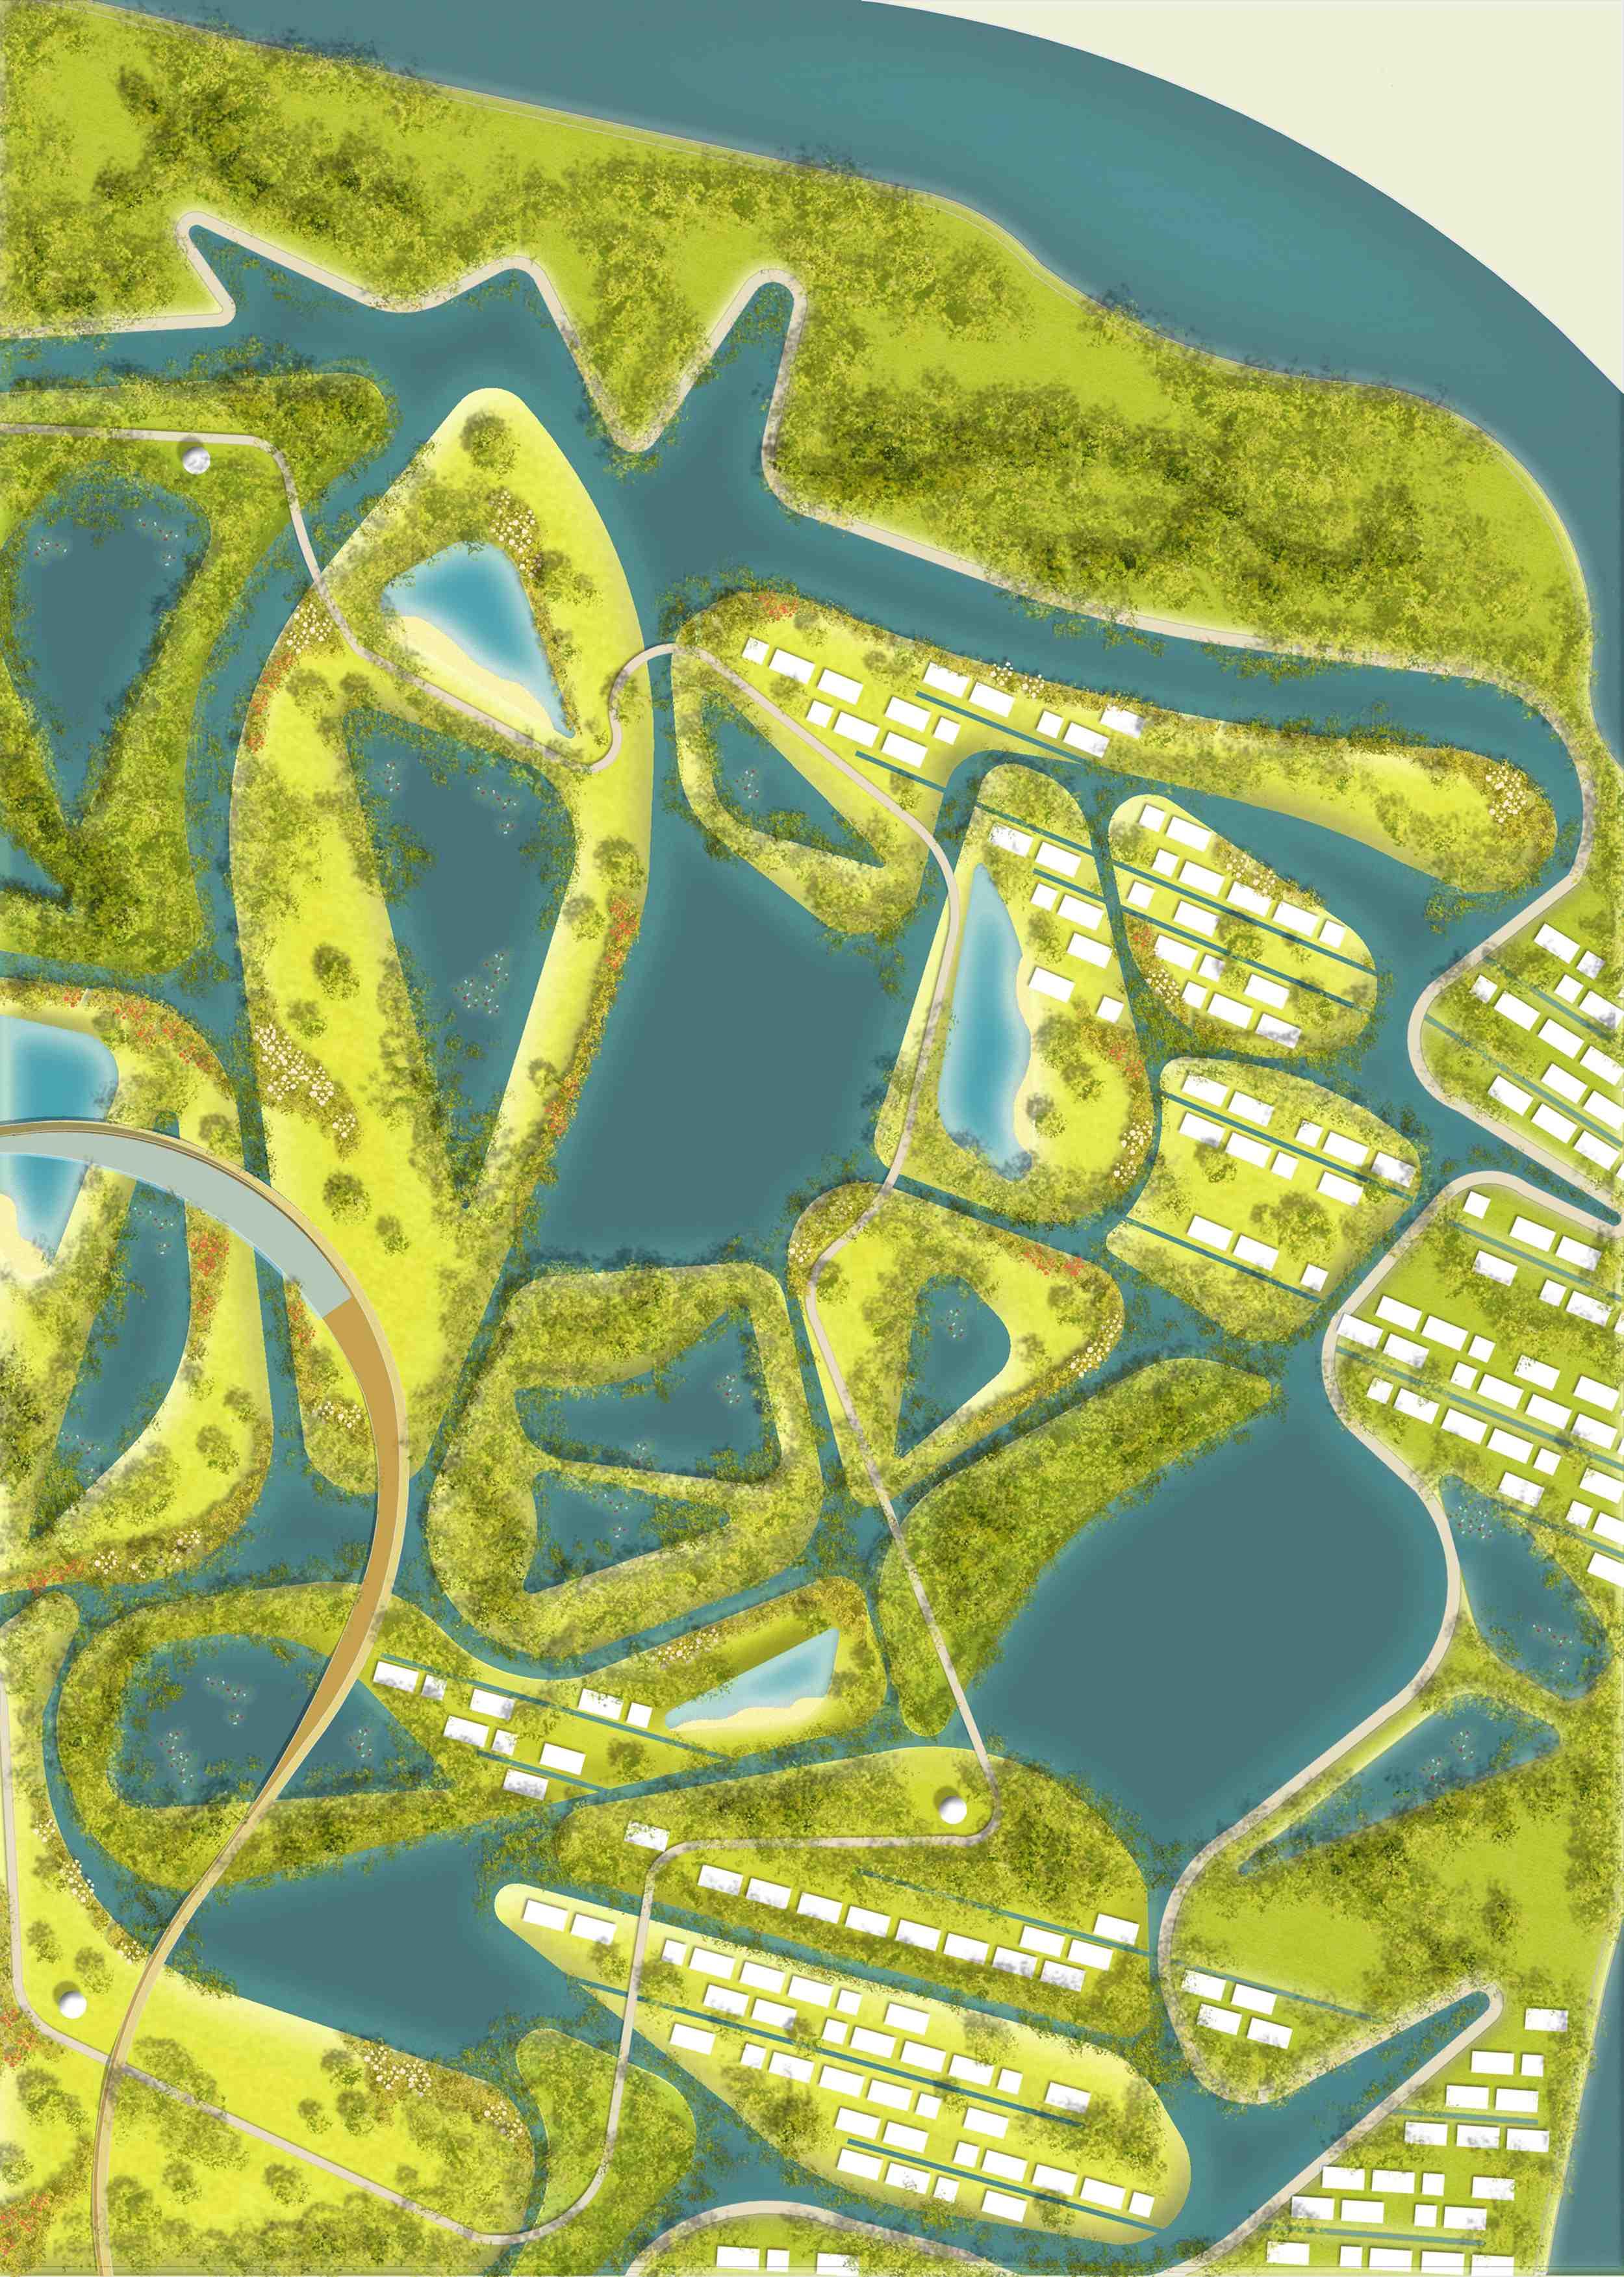 Wasserinsel_A4_250dpi 500kb.jpg